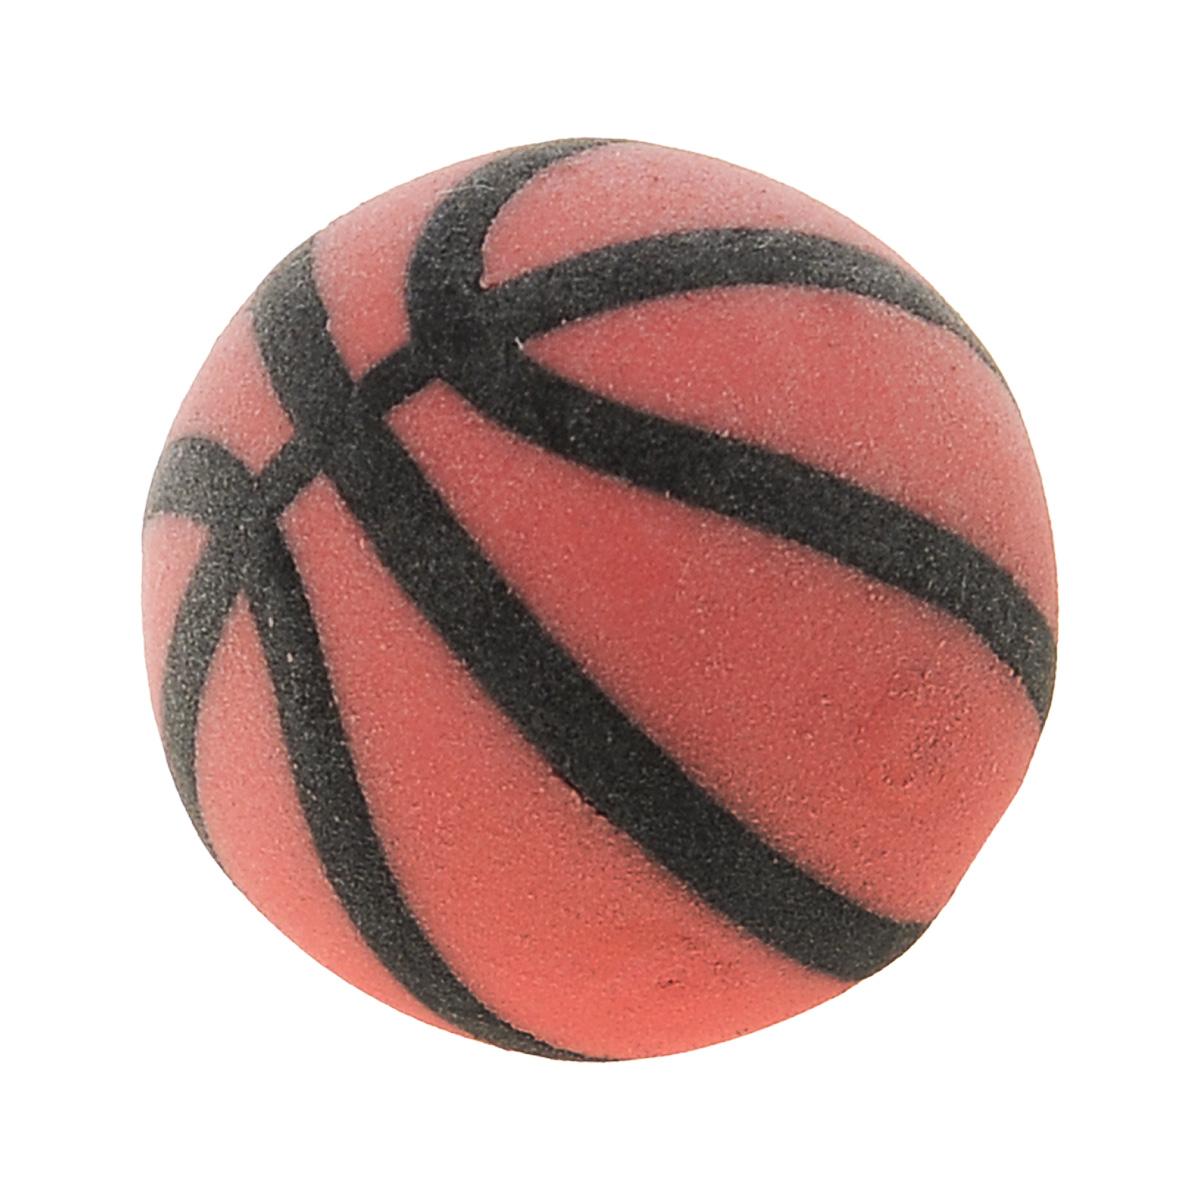 Brunnen Ластик Мяч баскетбольный, цвет: оранжевый72523WDЛастик Мяч баскетбольный станет незаменимым аксессуаром на рабочем столе не только школьника или студента, но и офисного работника. Он легко и без следа удаляет надписи, сделанные карандашом.